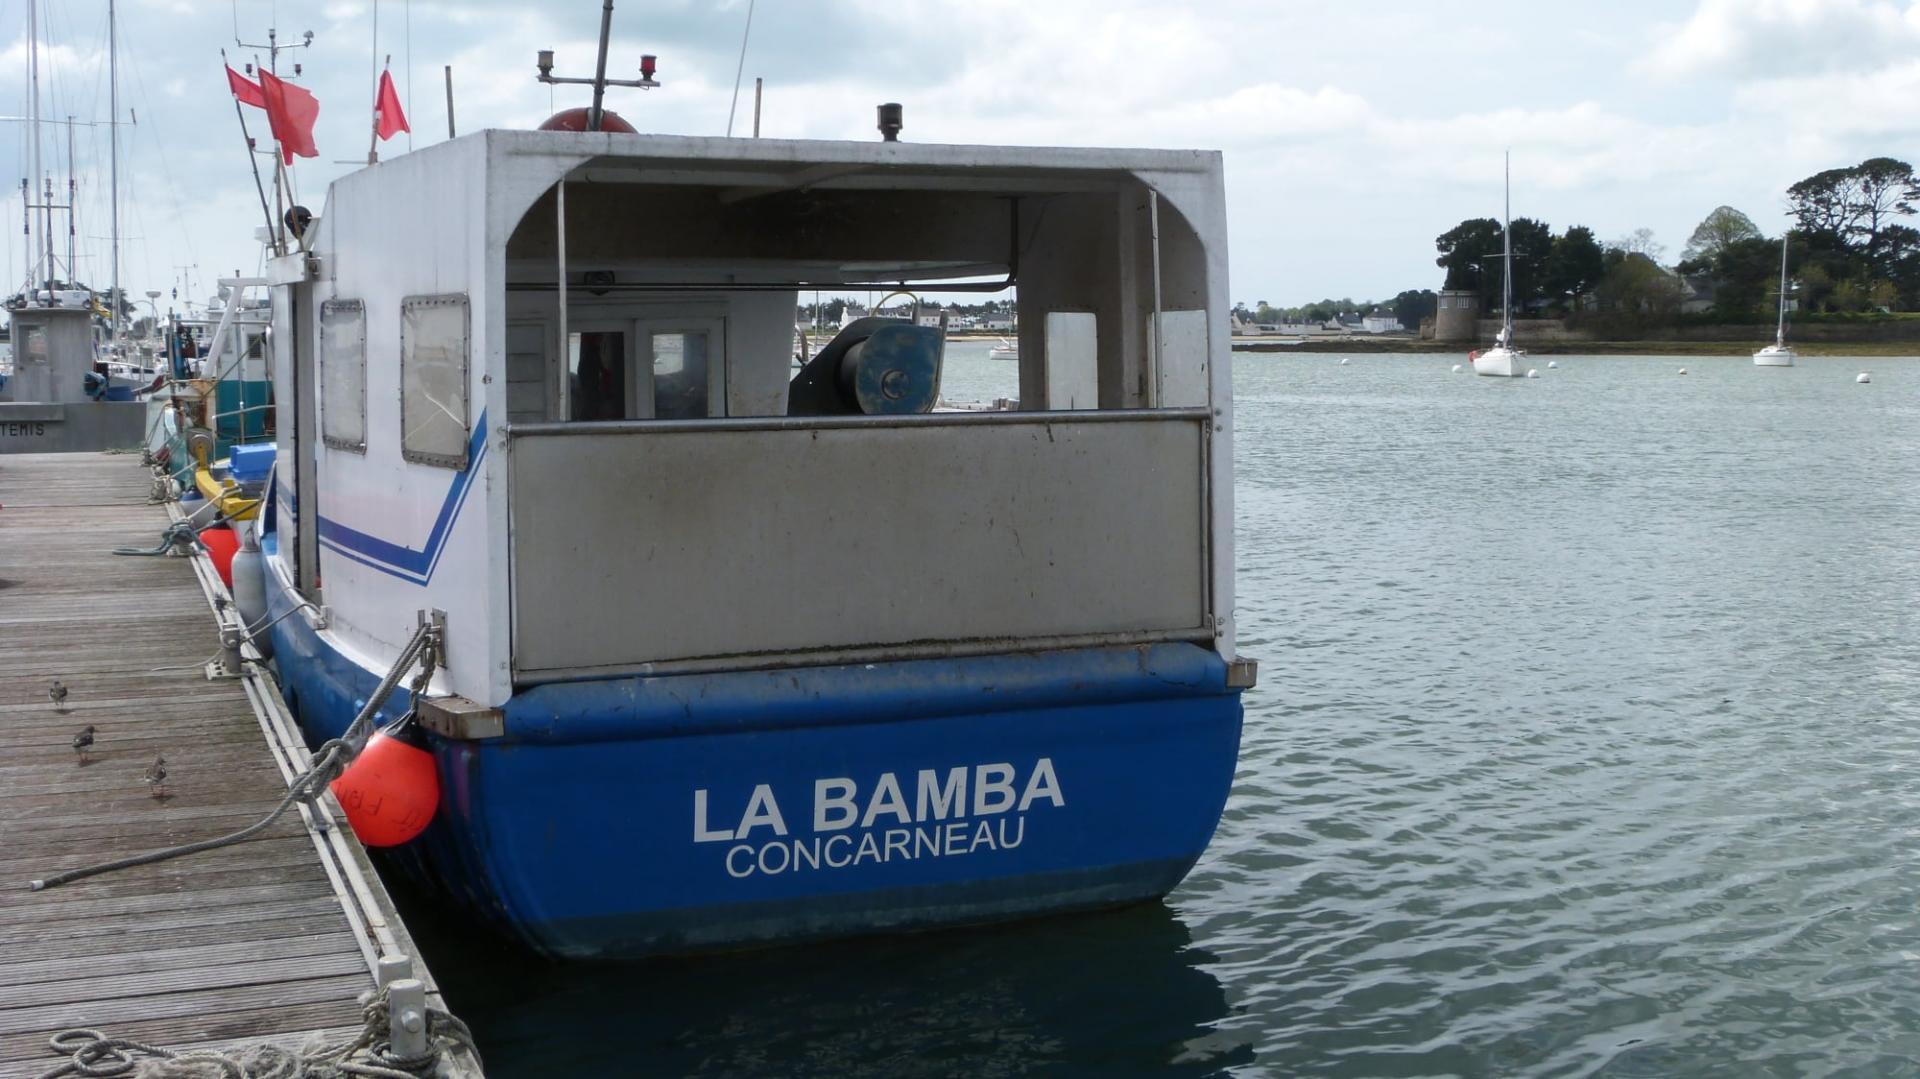 La bamba cc571972 b fabrice roperch